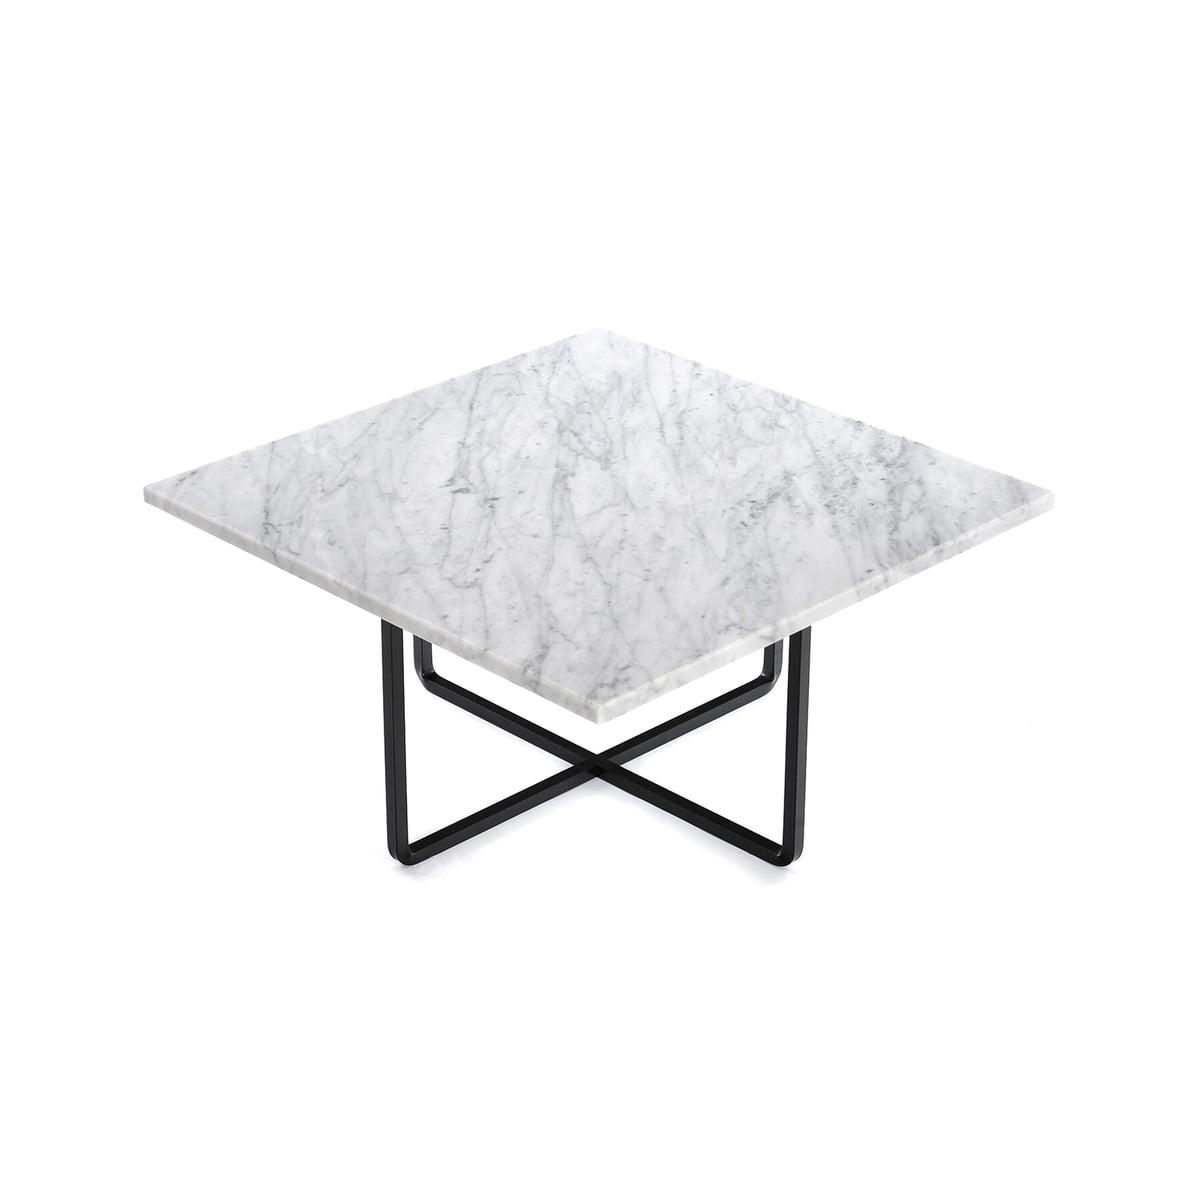 ox denmarq ninety couchtisch 60 x 60 cm schwarz marmor wei t 60 h 35 b 60 online kaufen. Black Bedroom Furniture Sets. Home Design Ideas